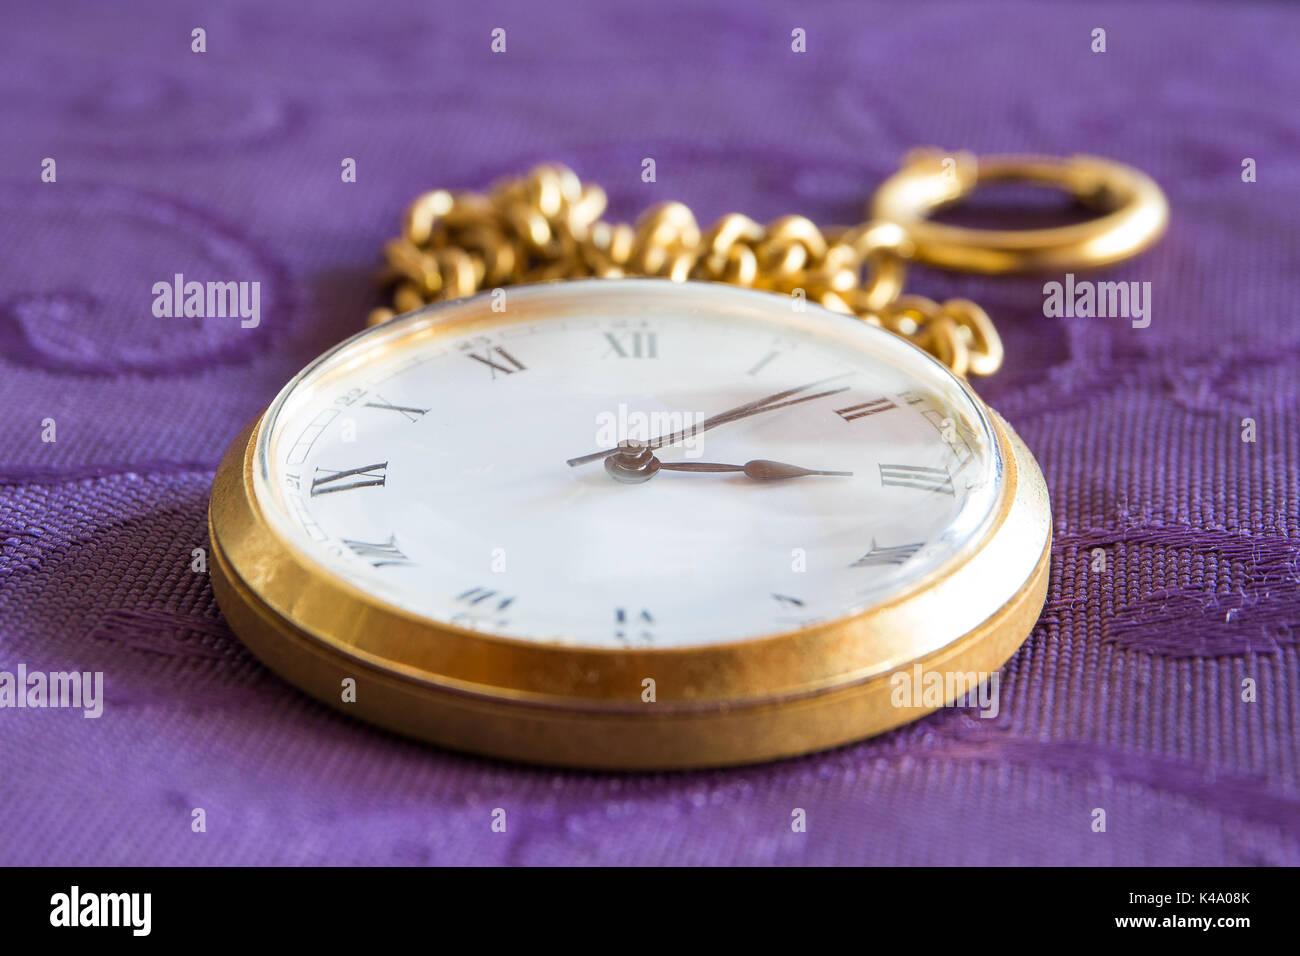 Goldene Taschenuhr mit Kette - Stock Image